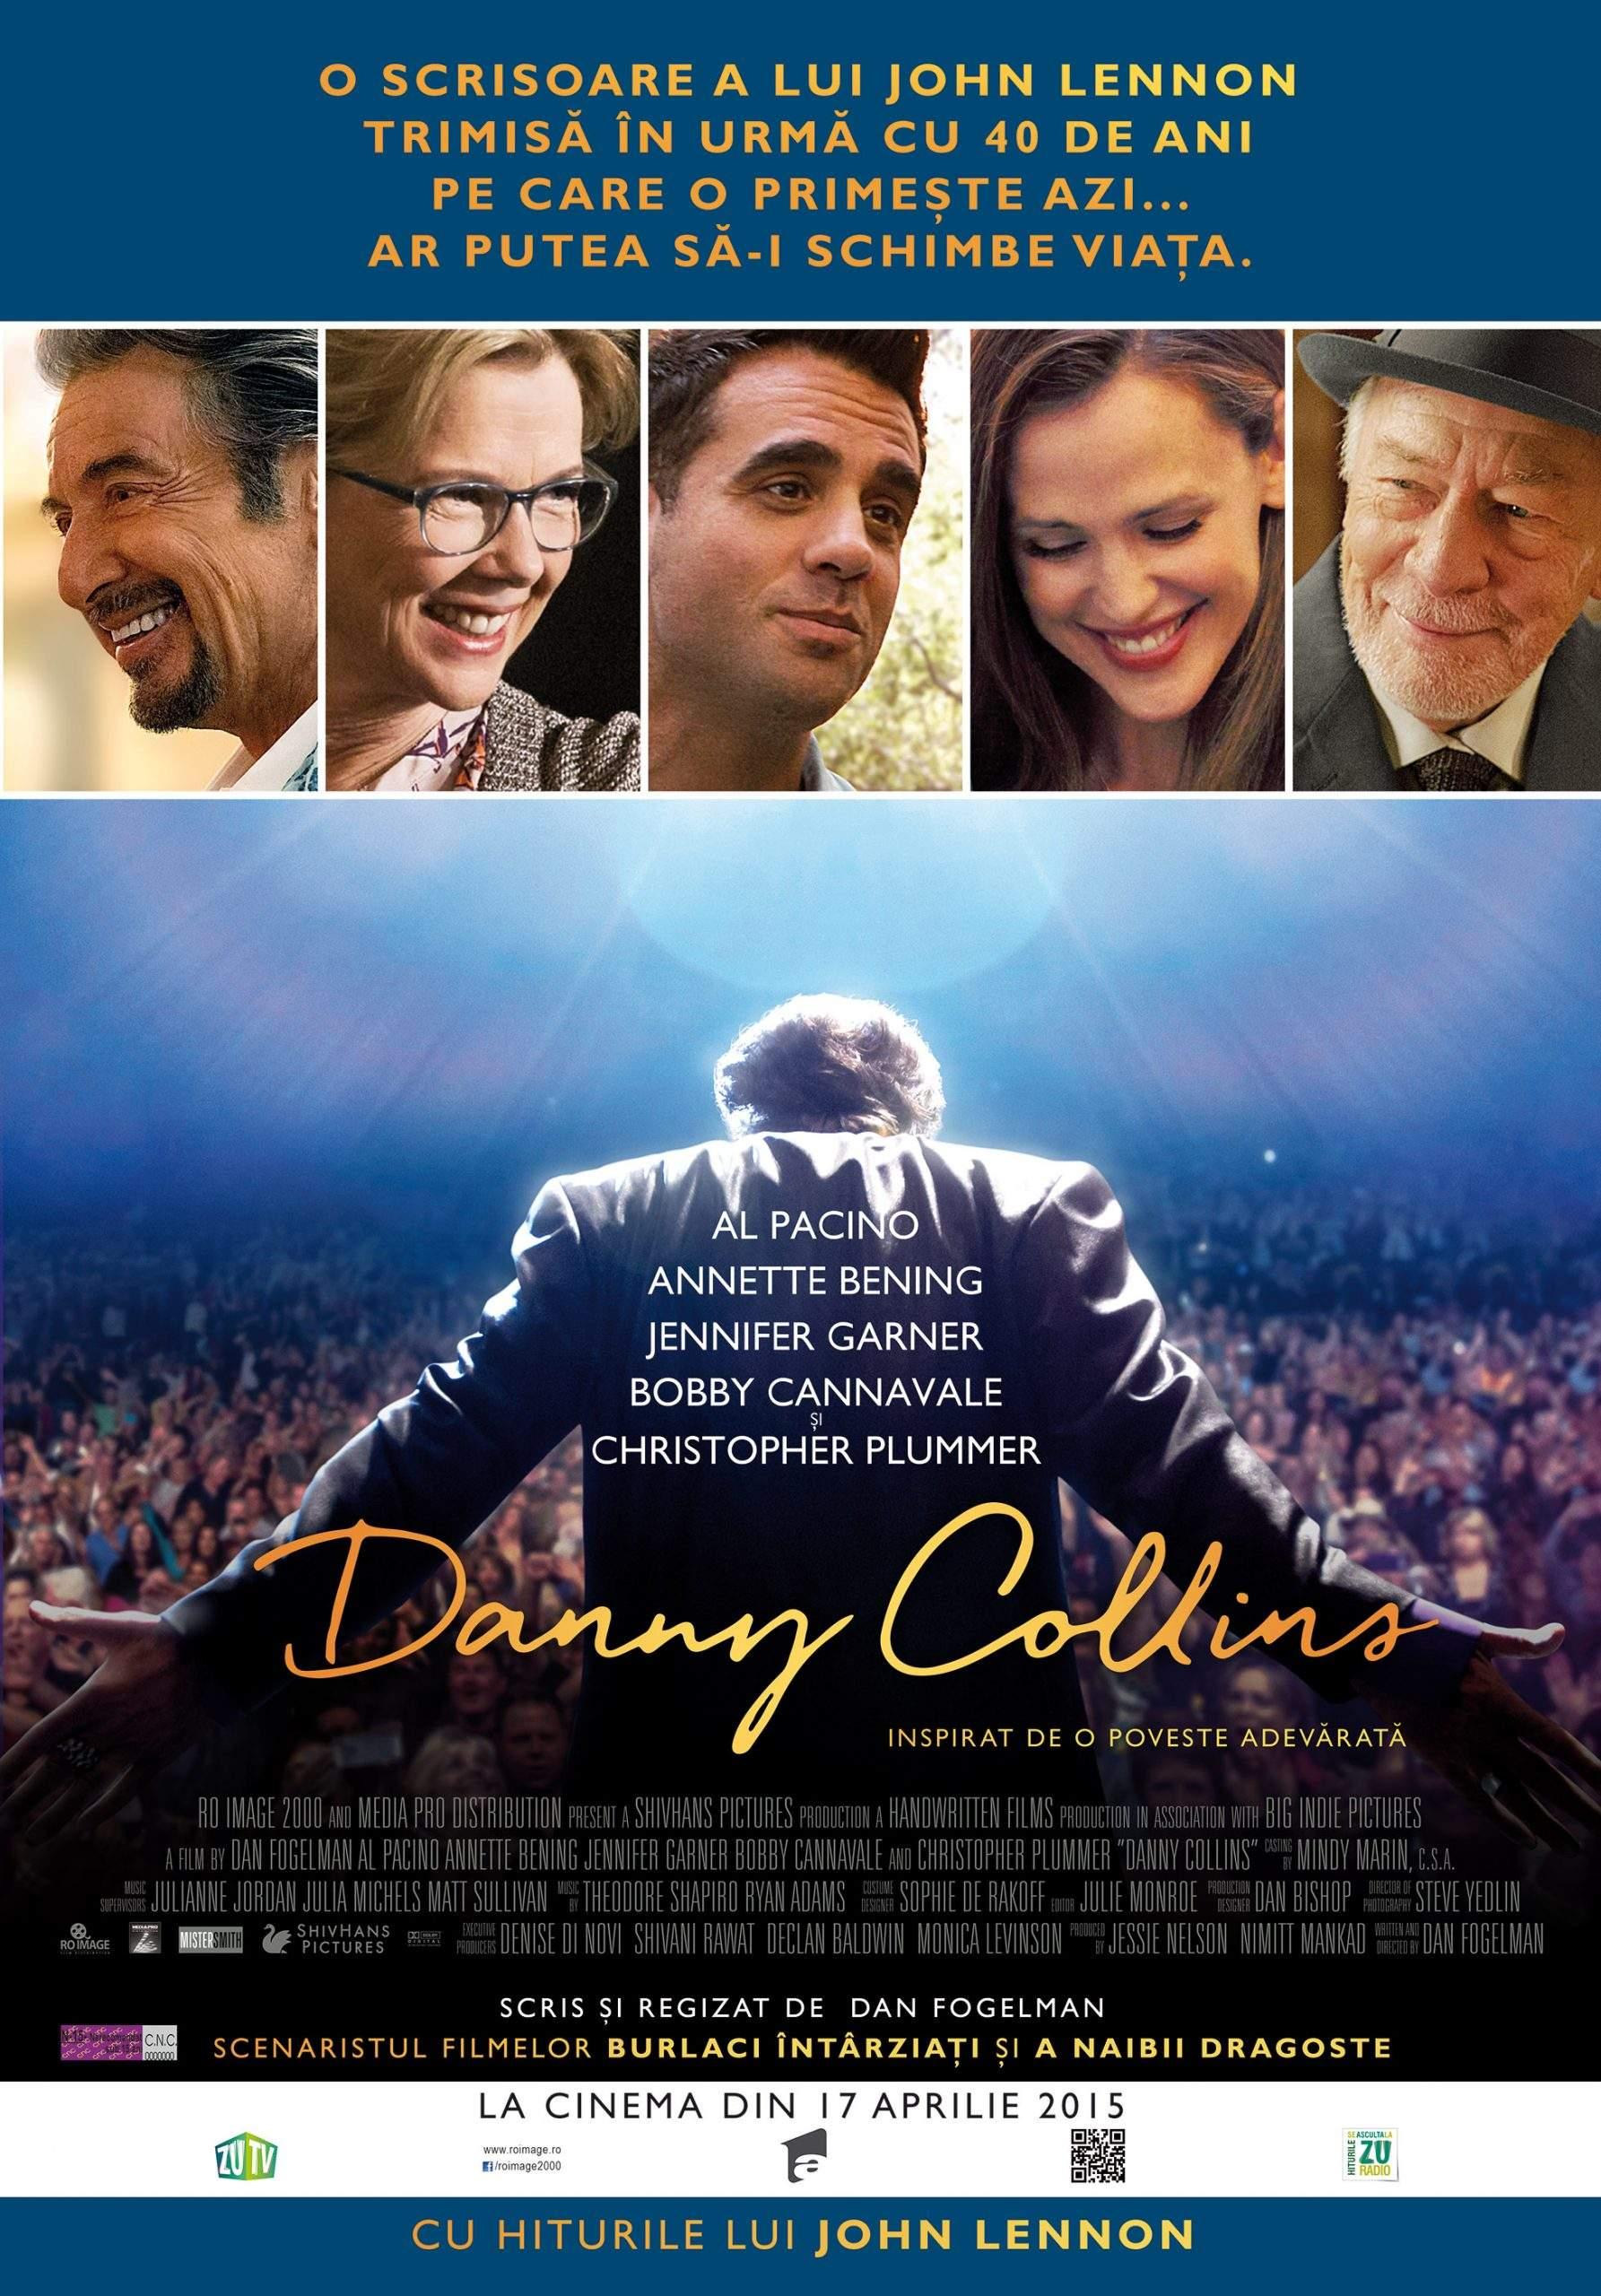 Danny Collins. O scrisoare persecută